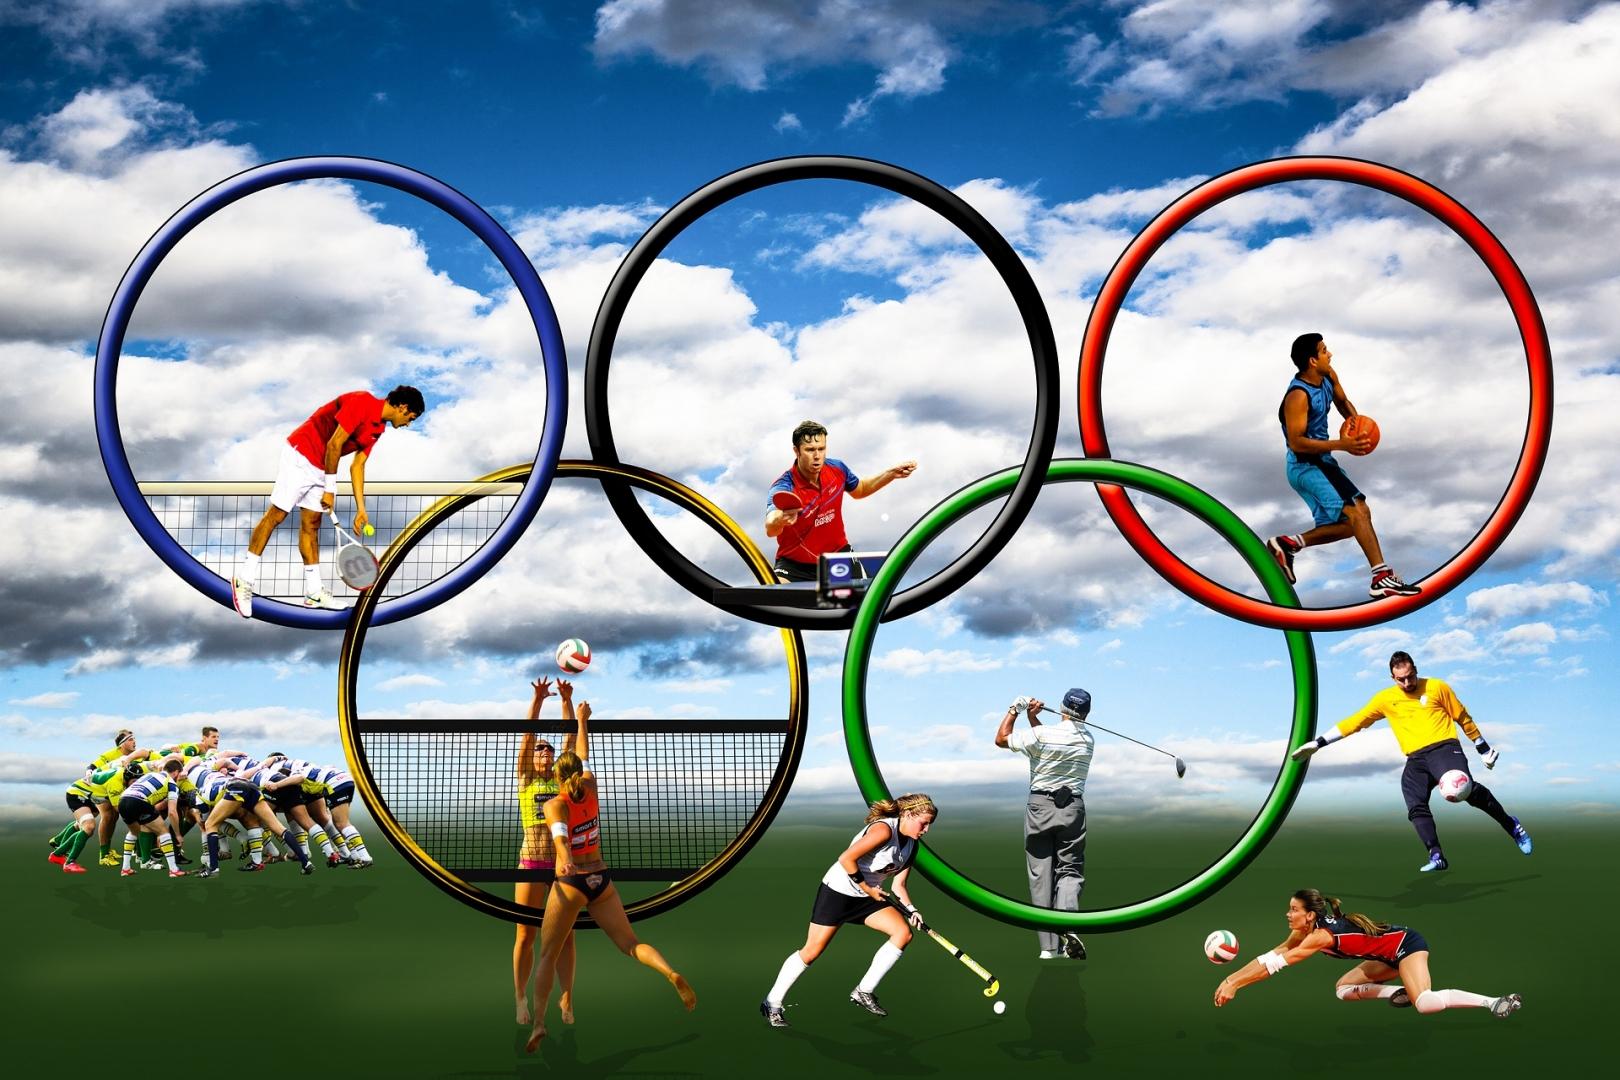 рецепт интересные картинки по теме спорта элементы, дающие магнитное